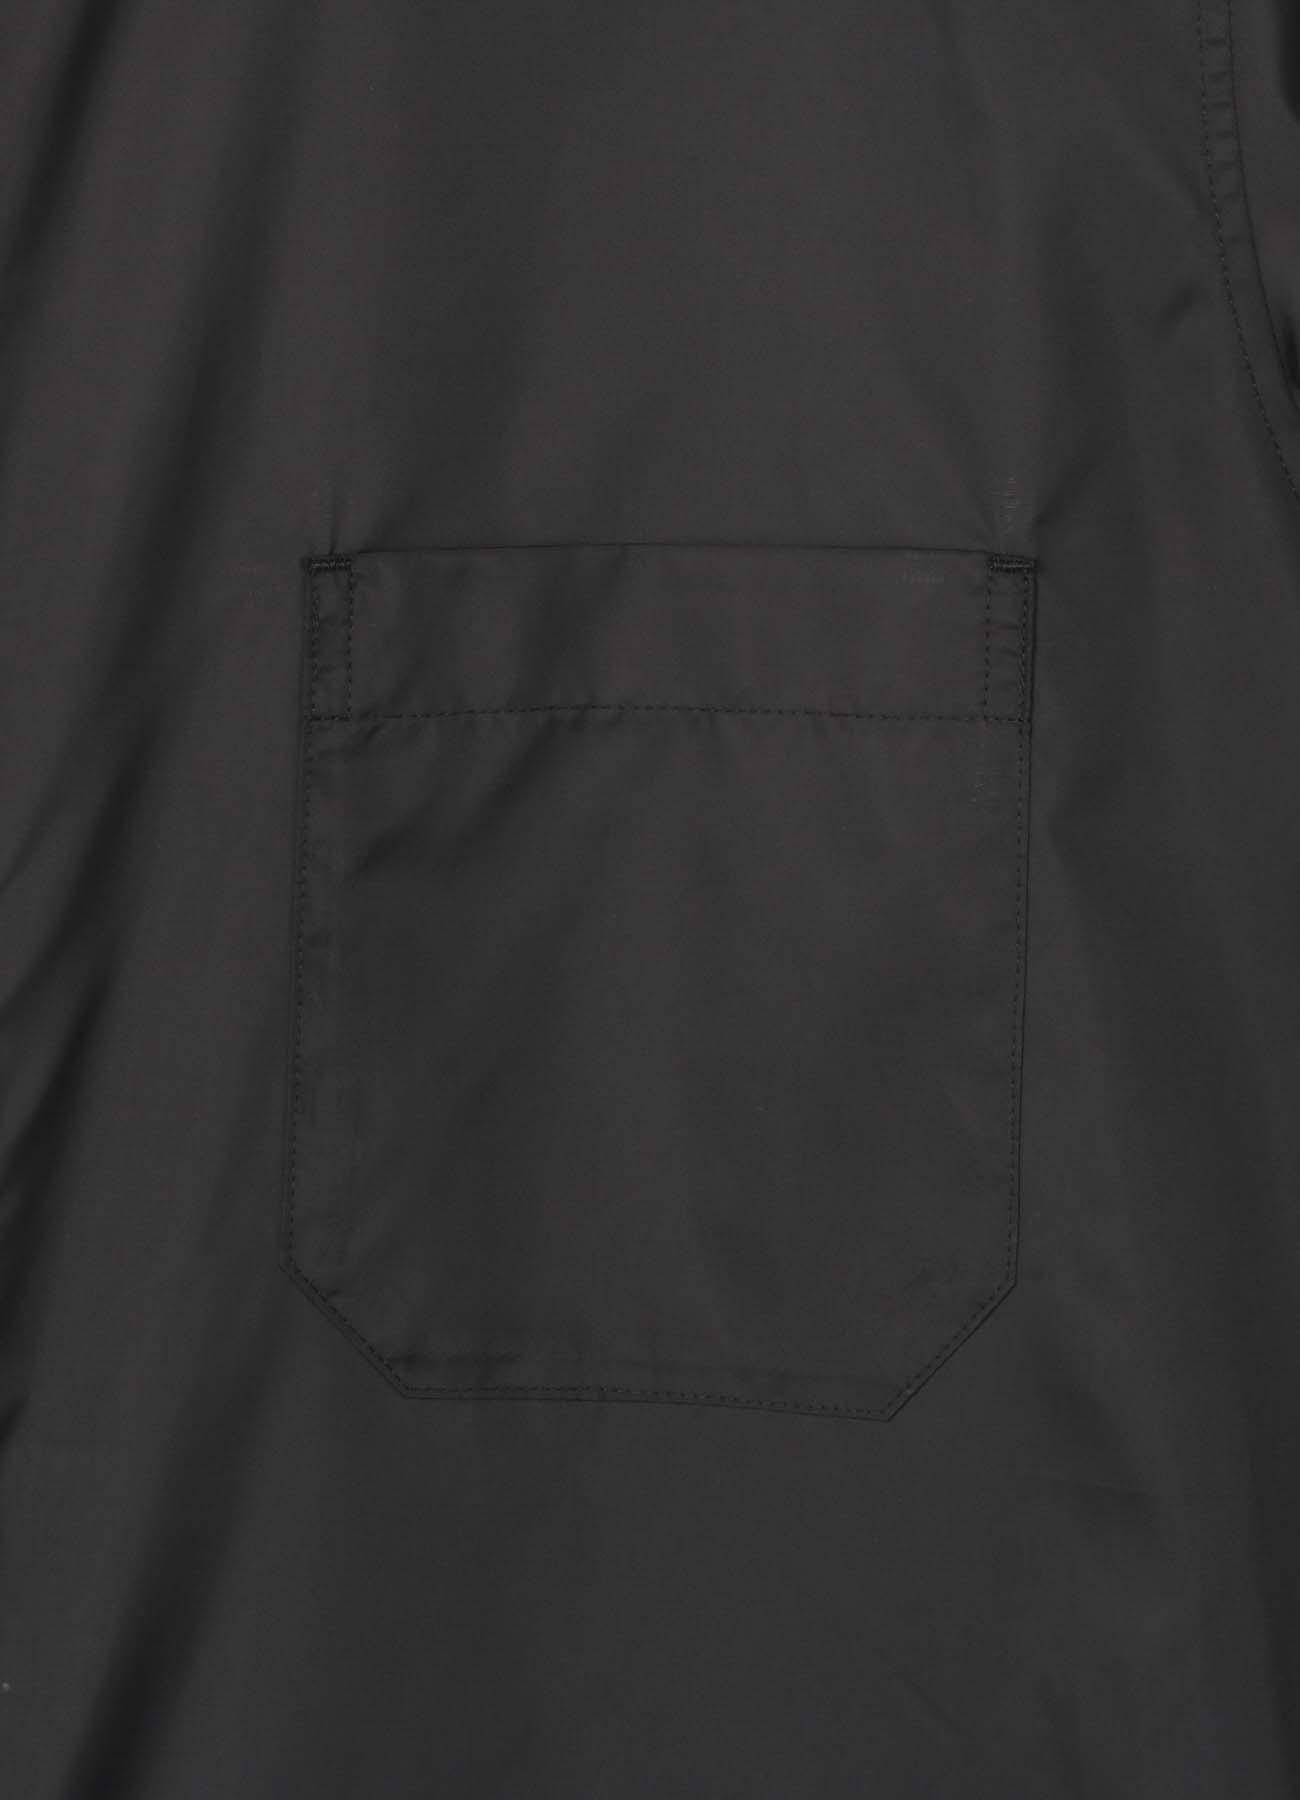 涤塔夫绸徽标长礼服衬衫